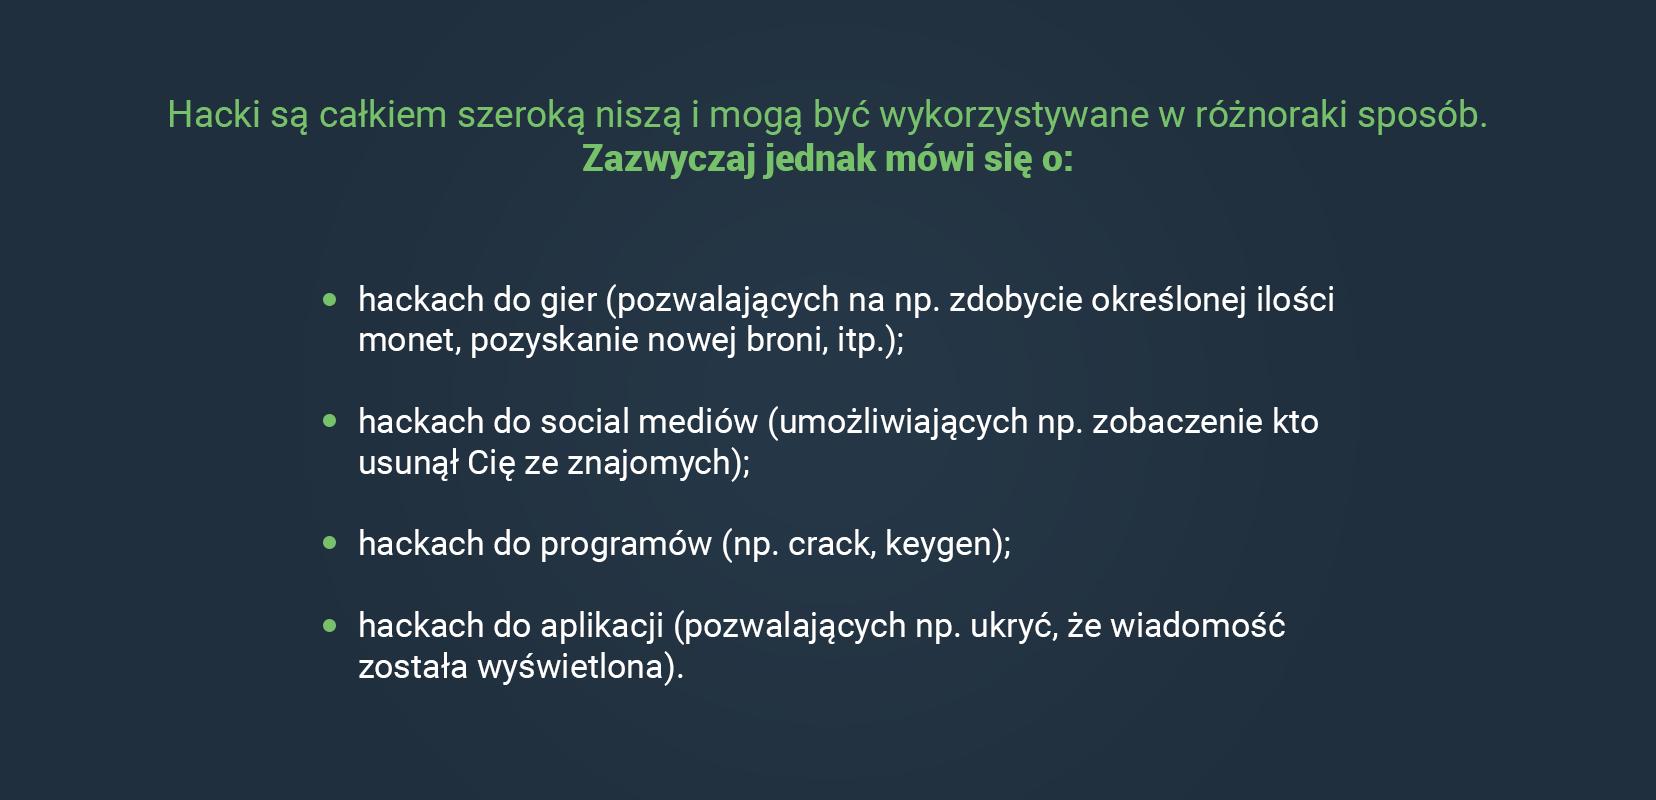 hacki